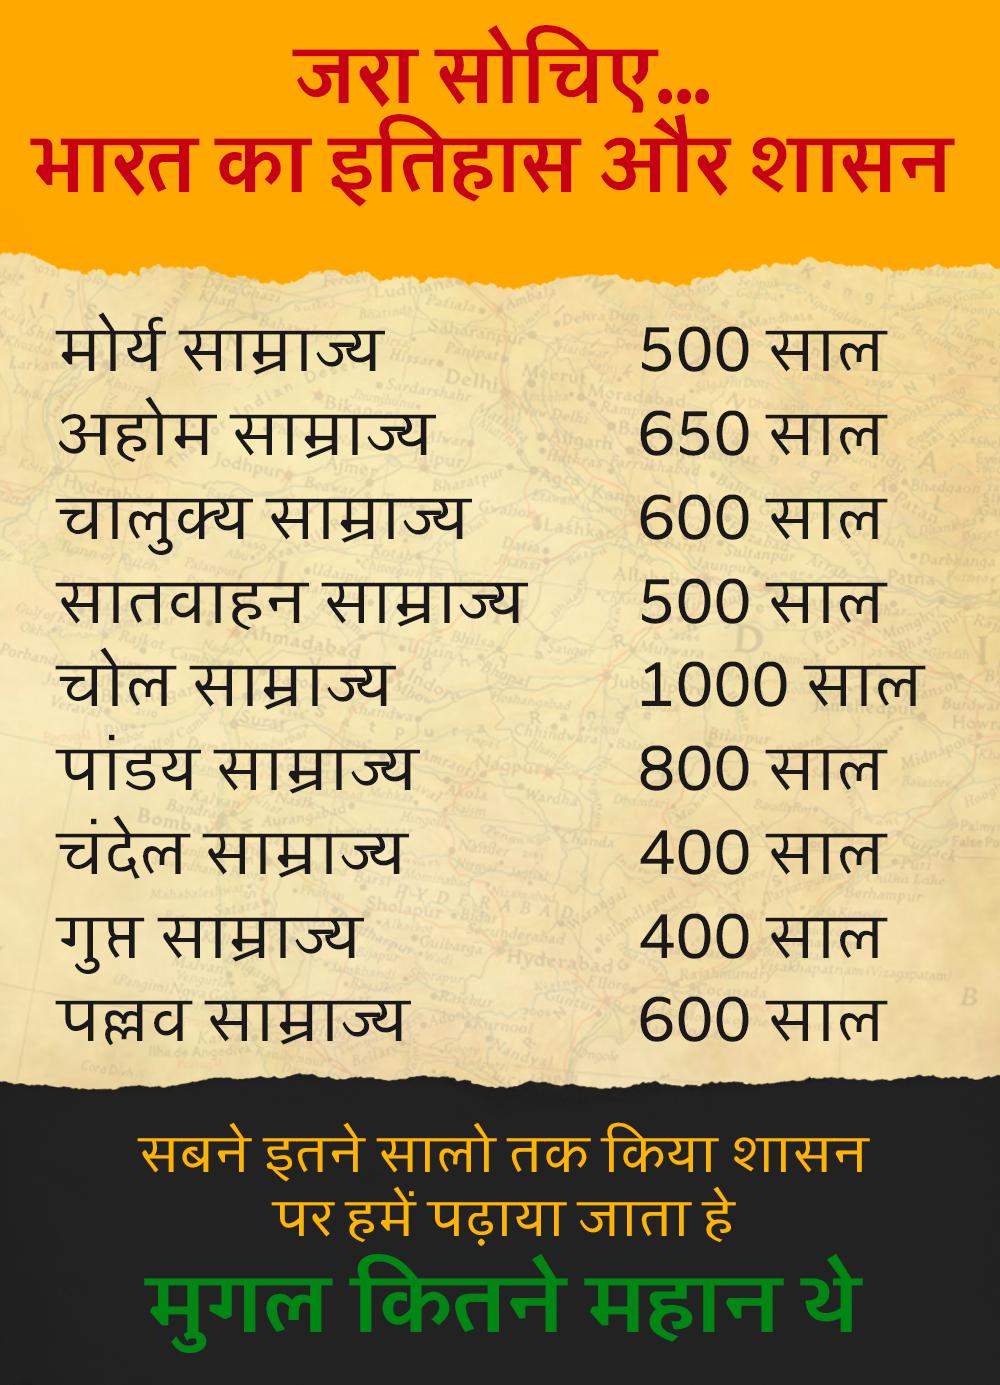 भारत का इतिहास और शासन India facts, General knowledge